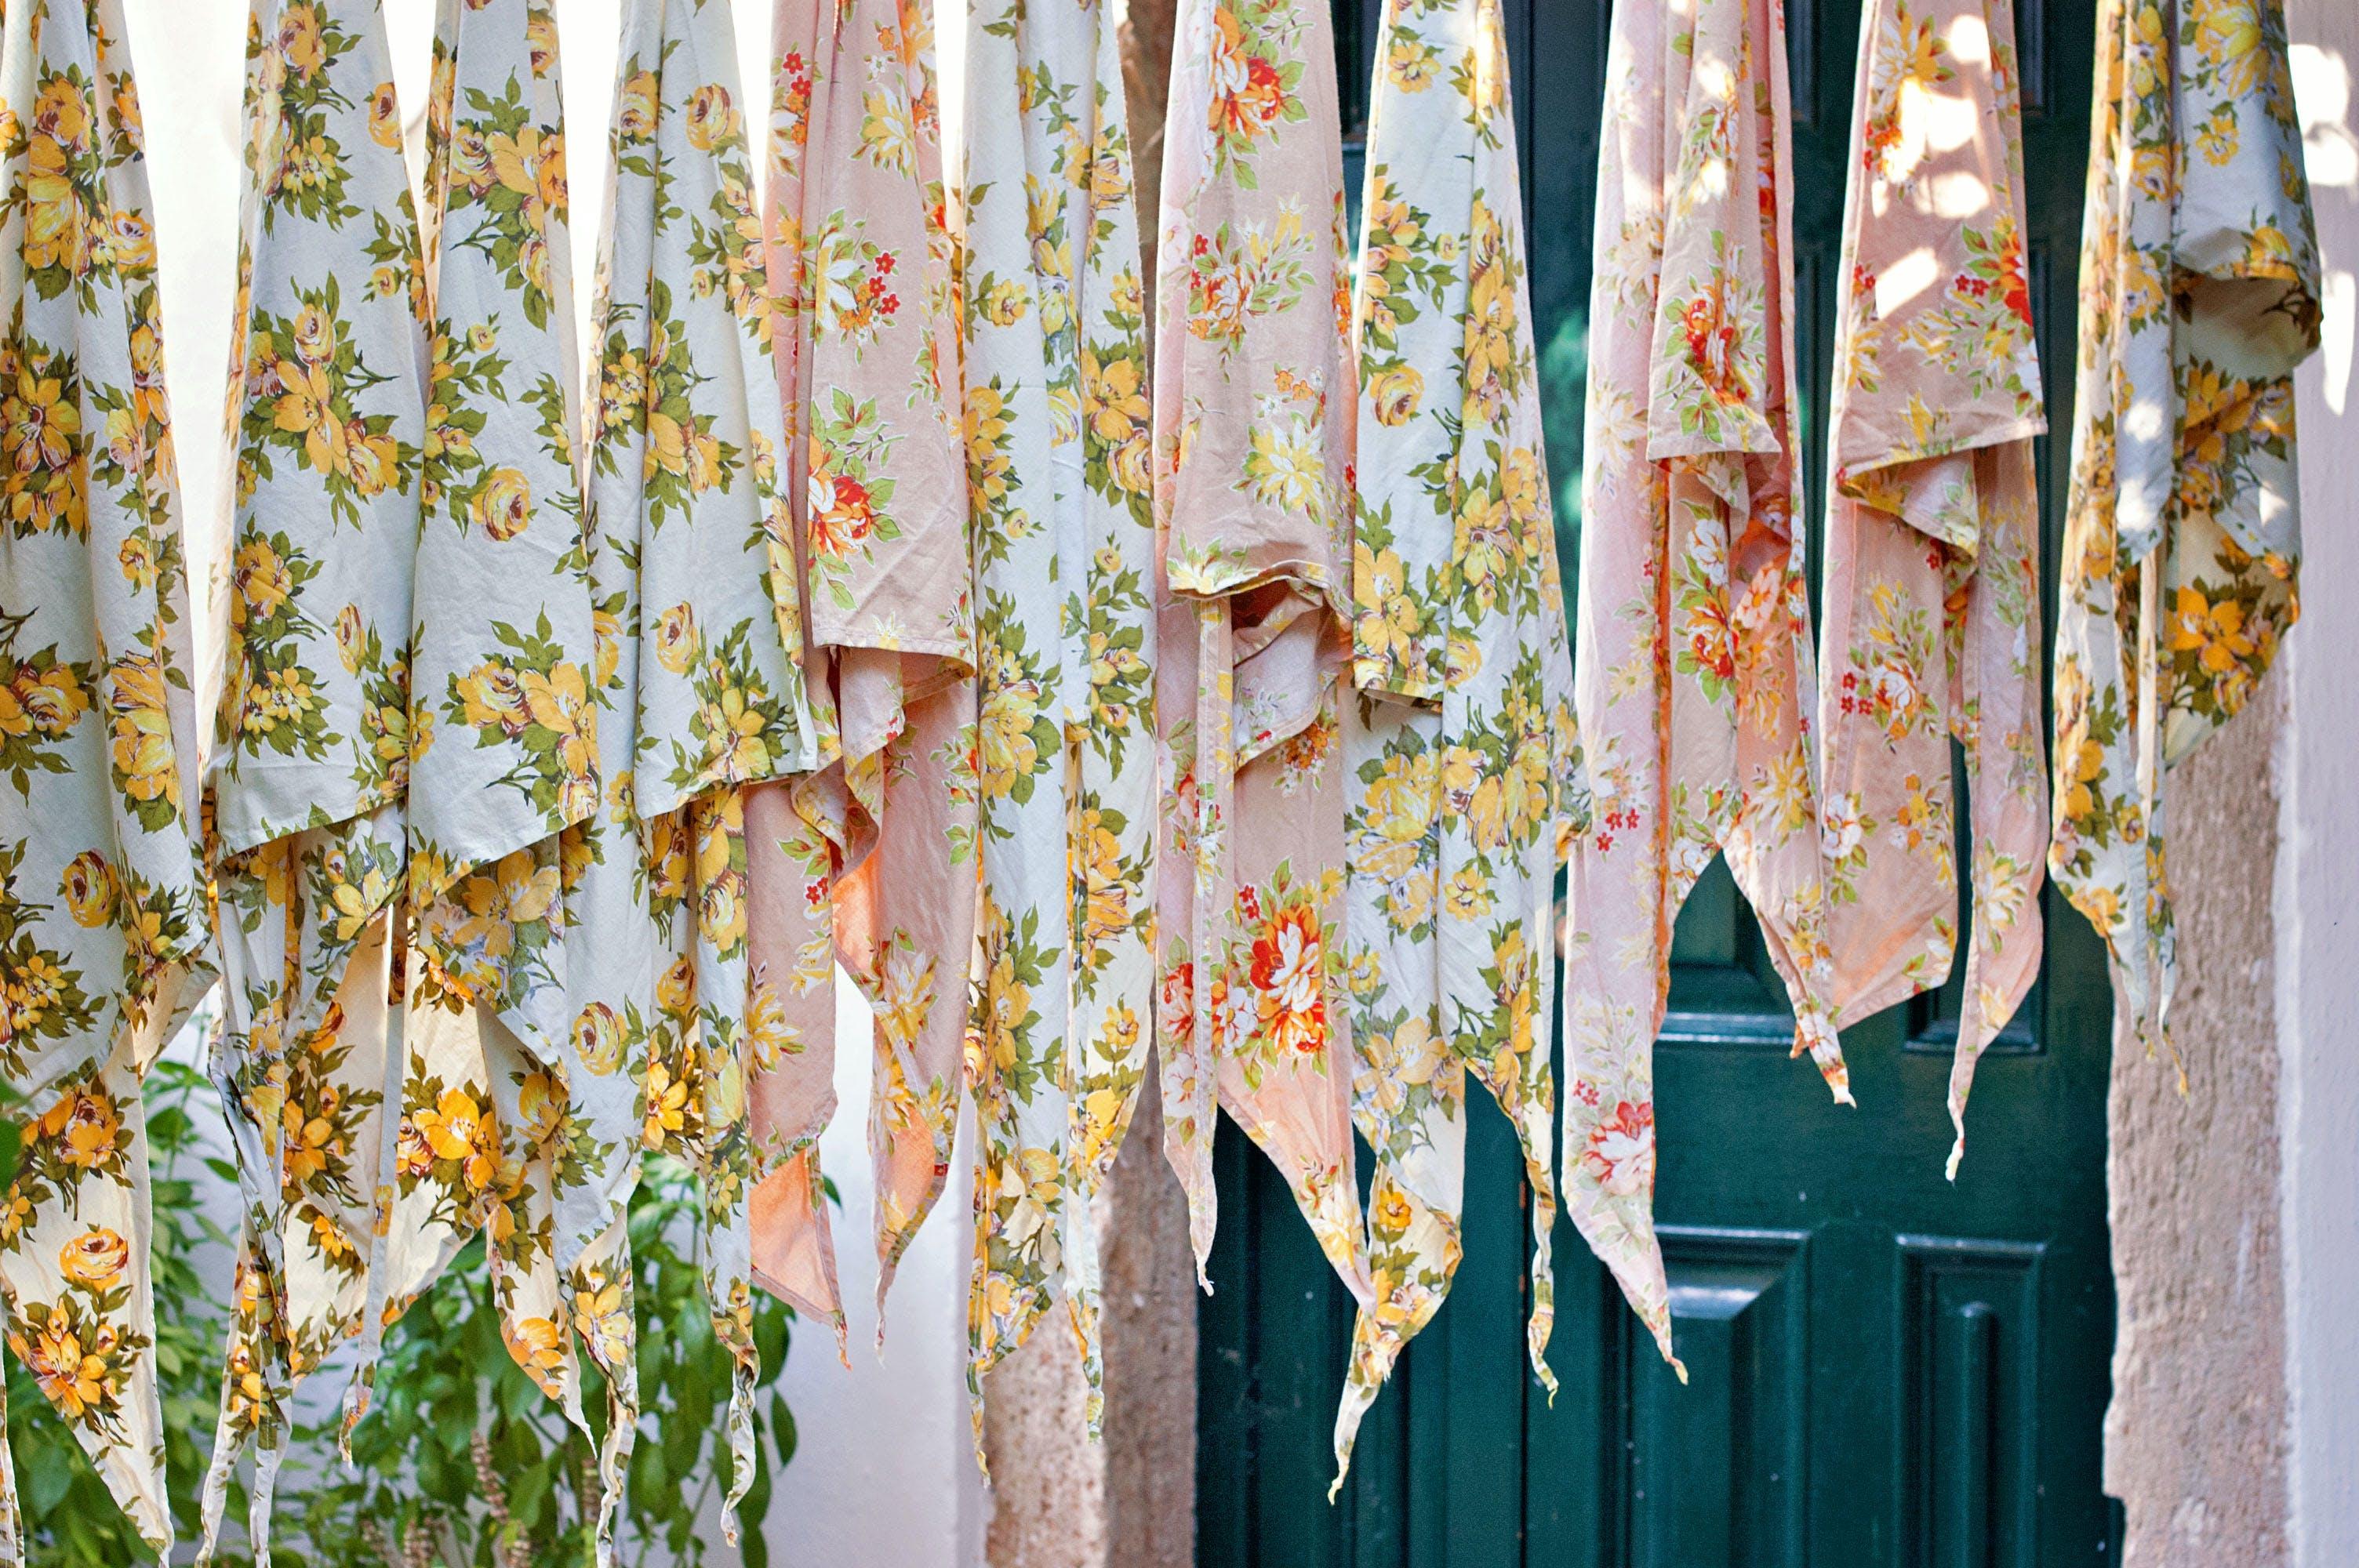 Assorted Textile Lot Hanging Beside Blue Wooden Door